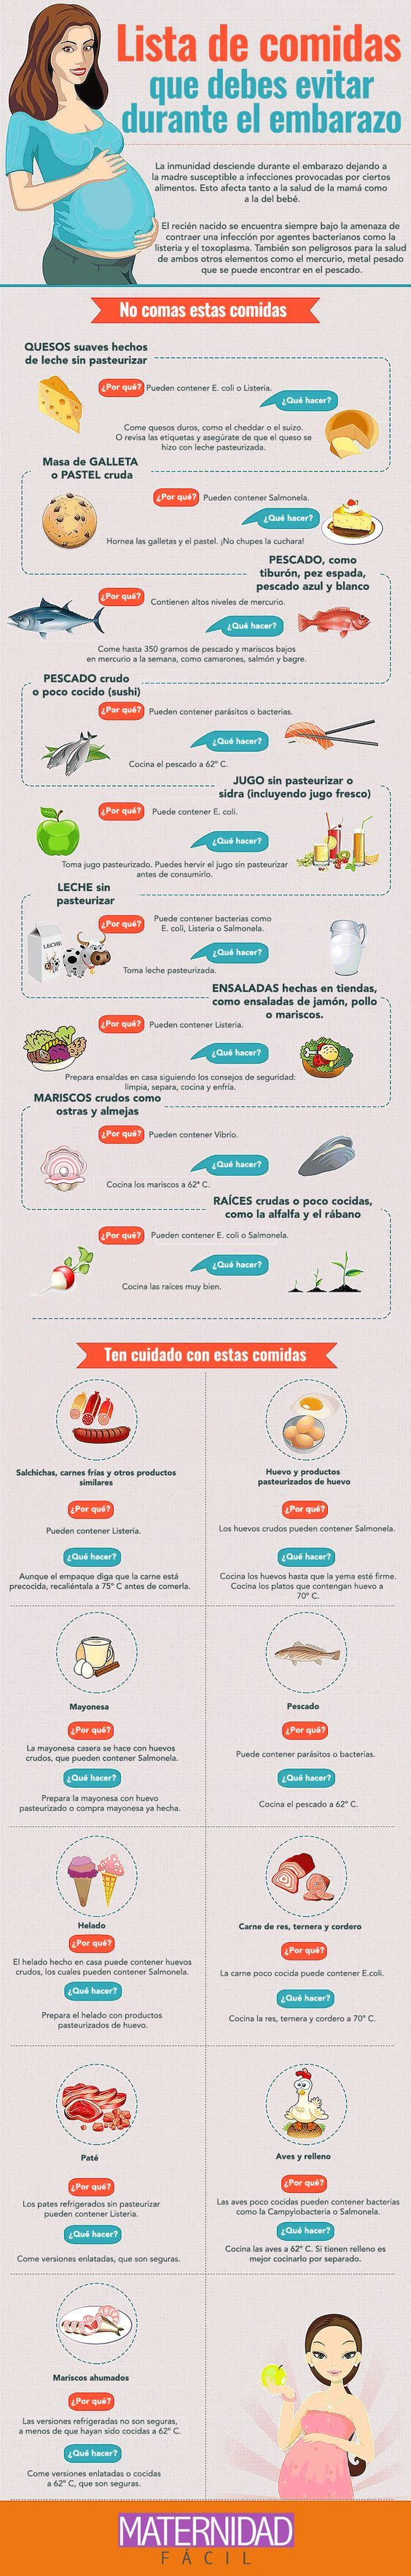 nutricion durante el embarazo lista de comidas